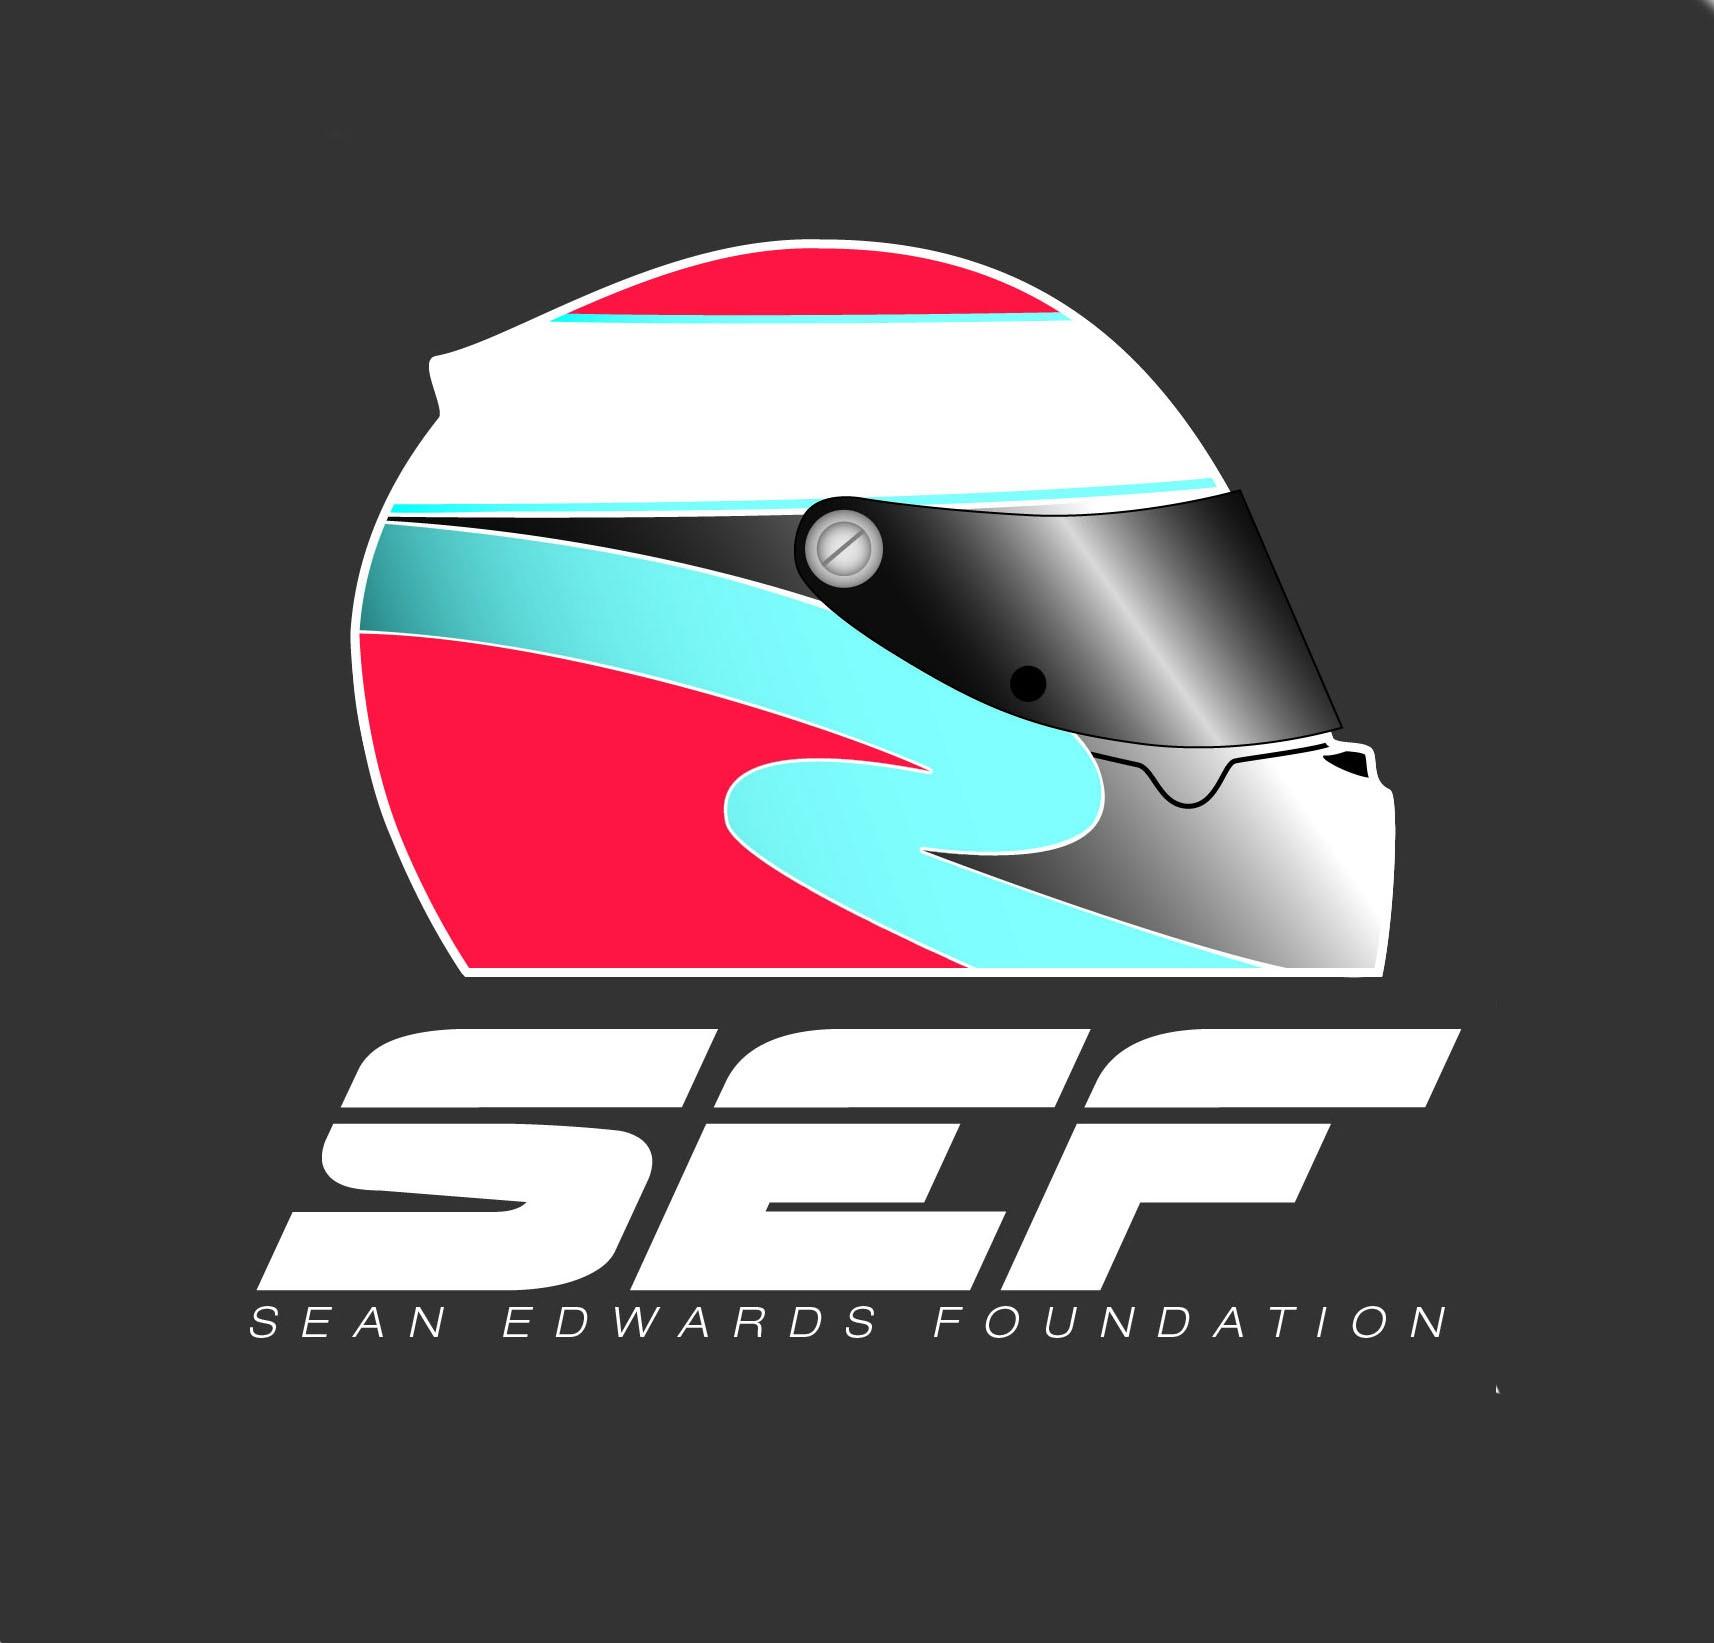 Sean Edwards Foundation - SEF